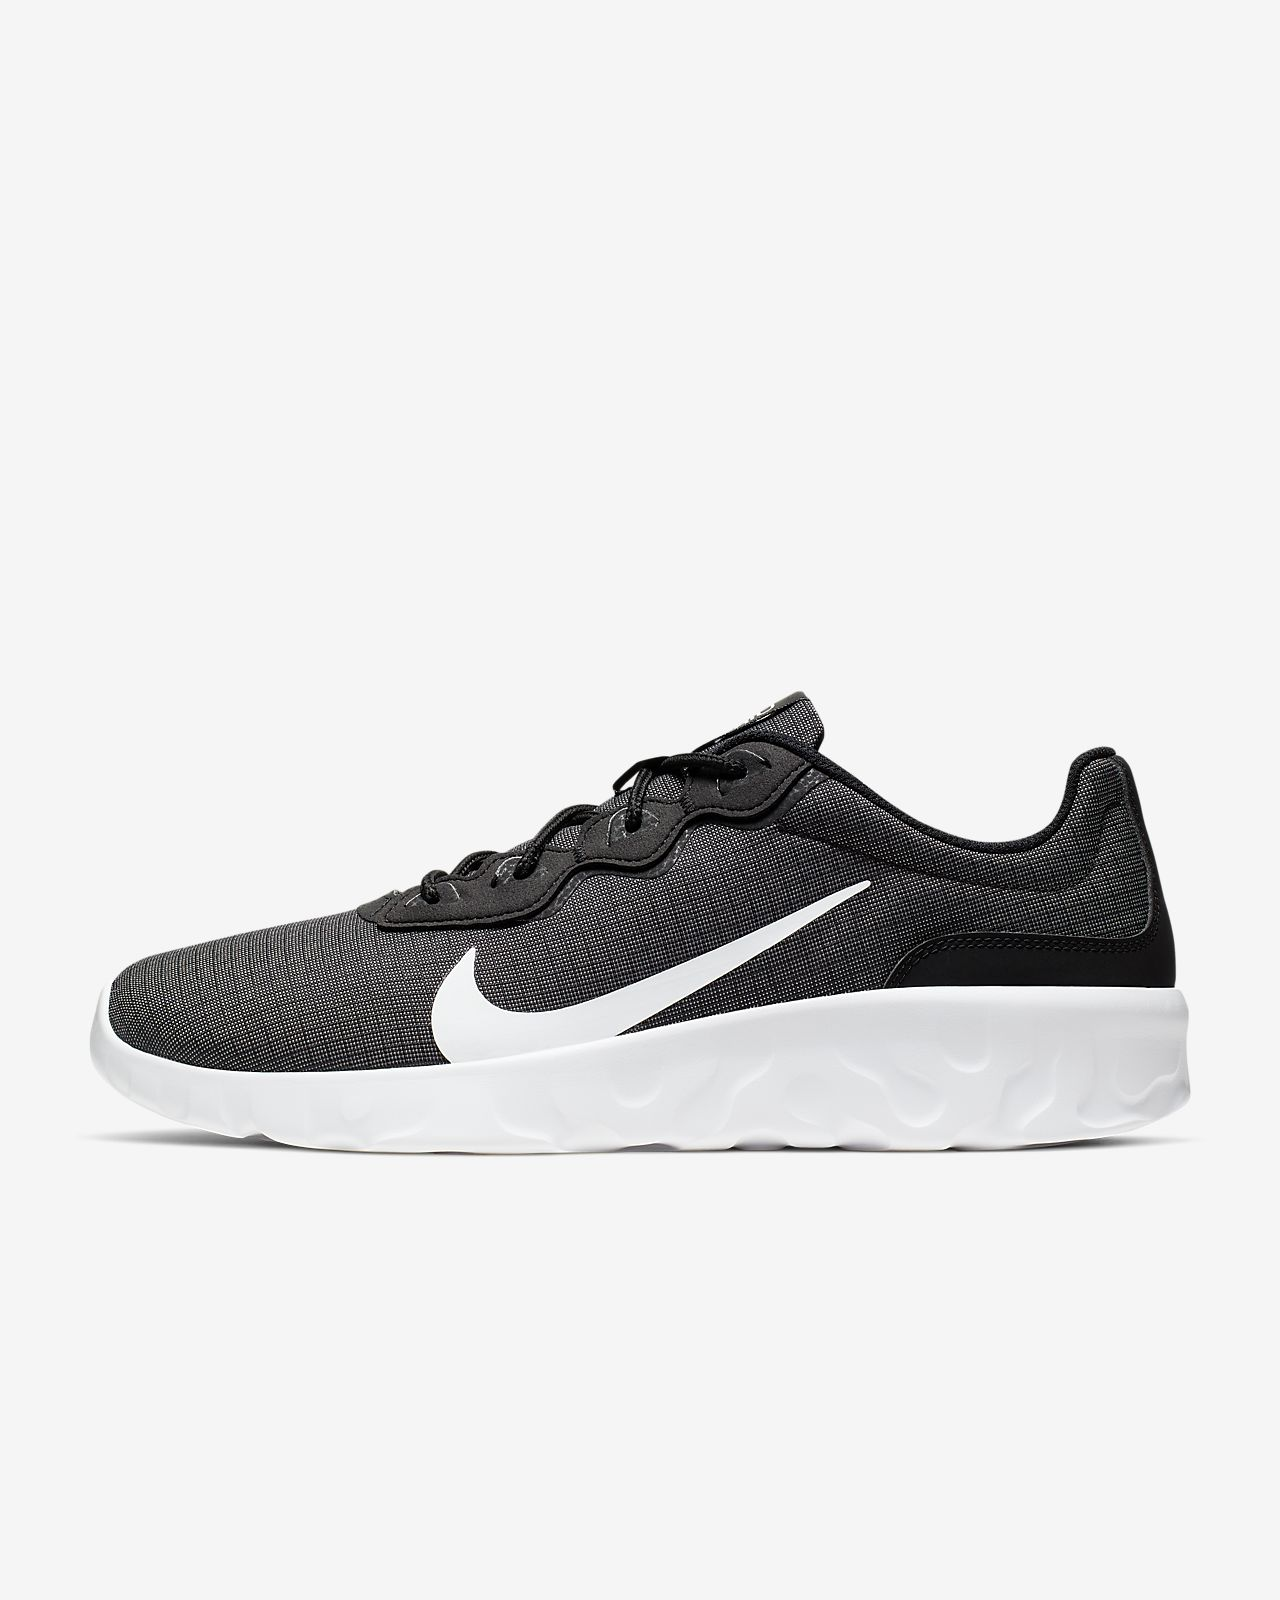 Ανδρικό παπούτσι Nike Explore Strada